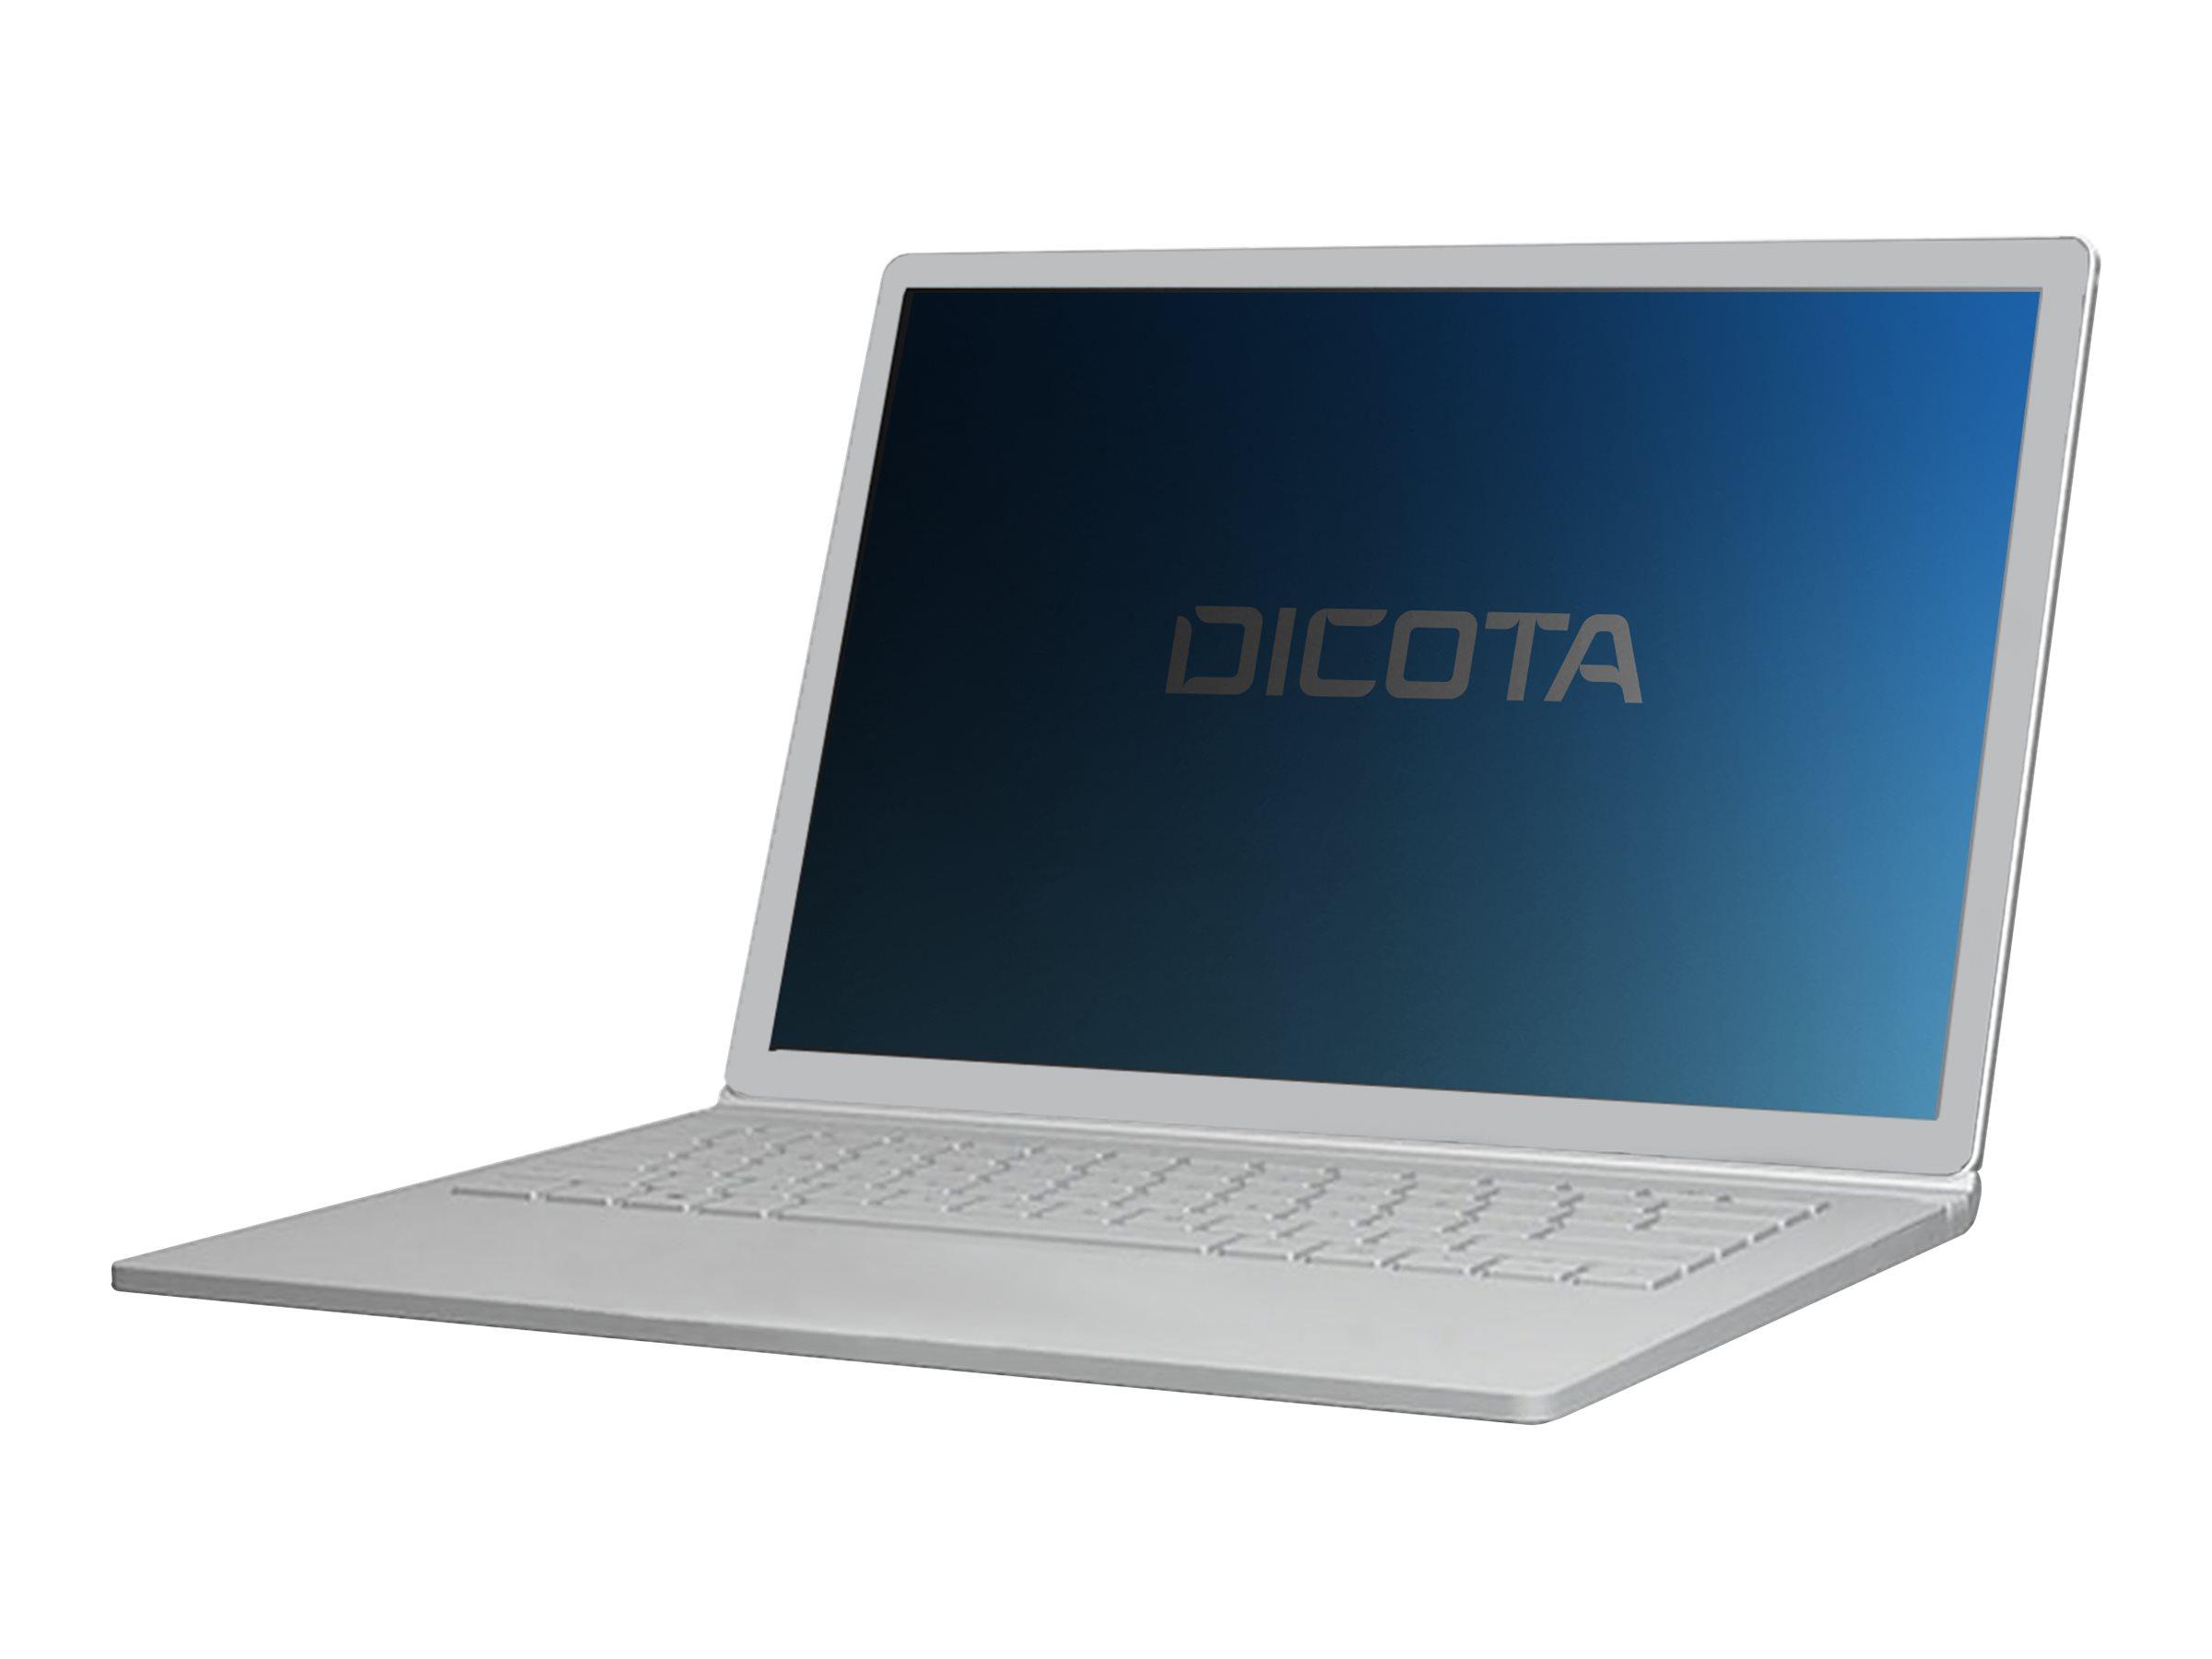 Dicota Blickschutzfilter für Notebook - 2-Wege